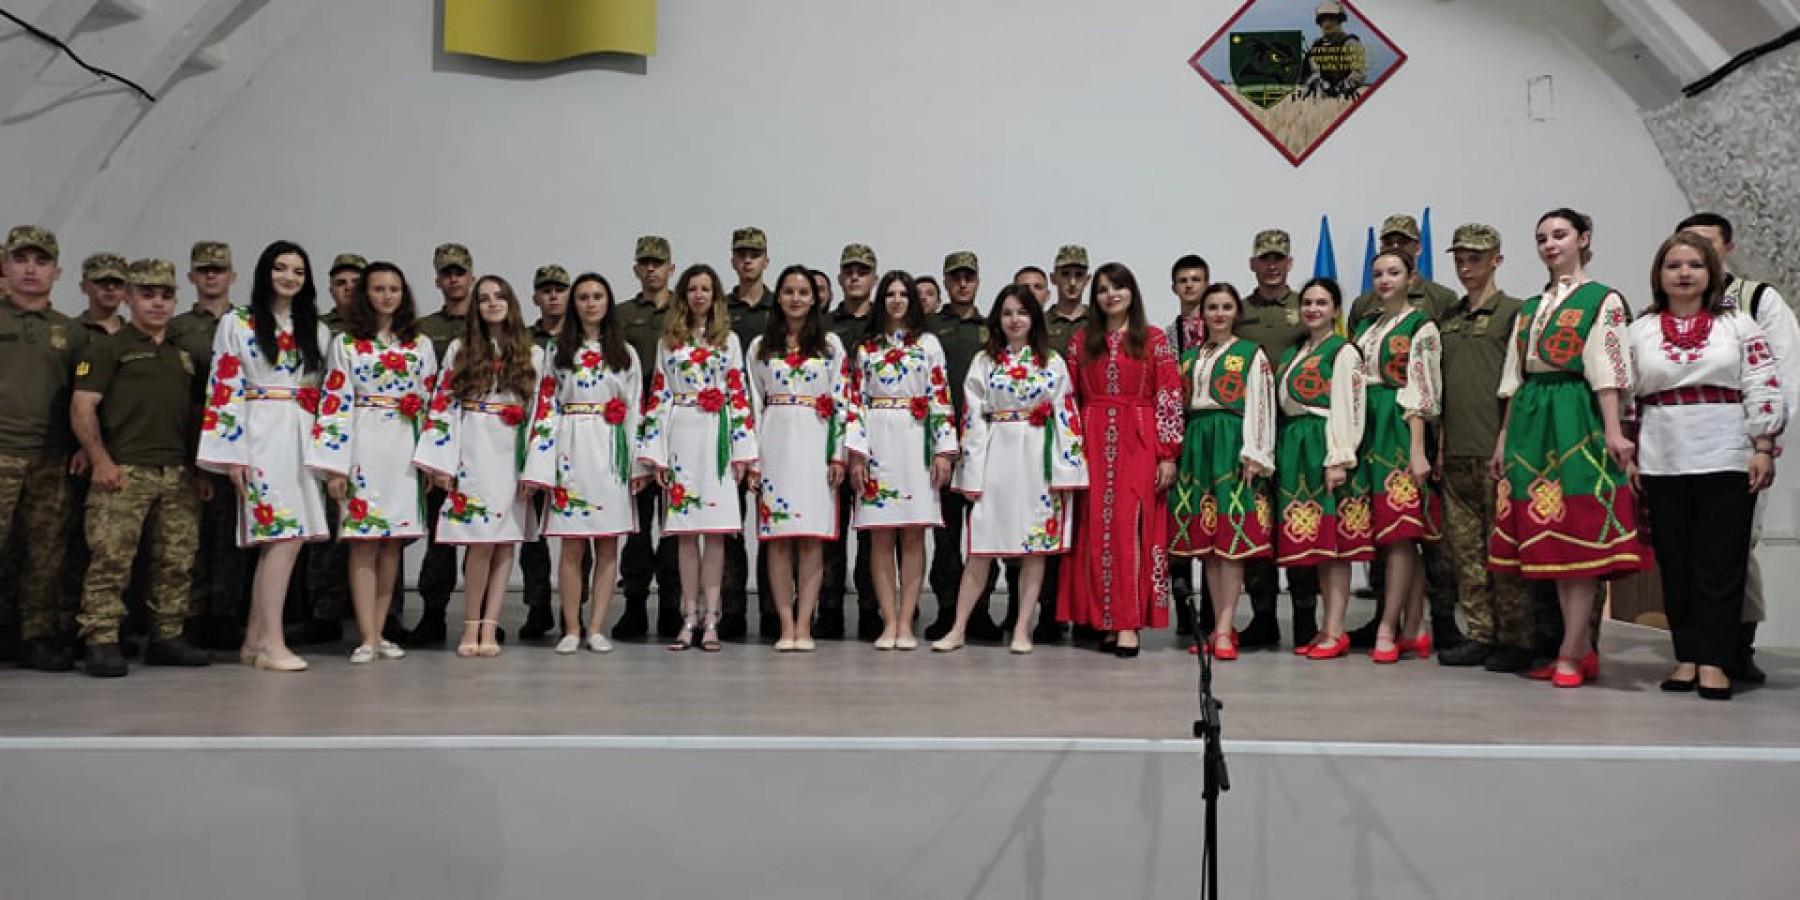 Концерт колективів Ходорівщини перед військовими в Старичах (Яворівський полігон), 2021